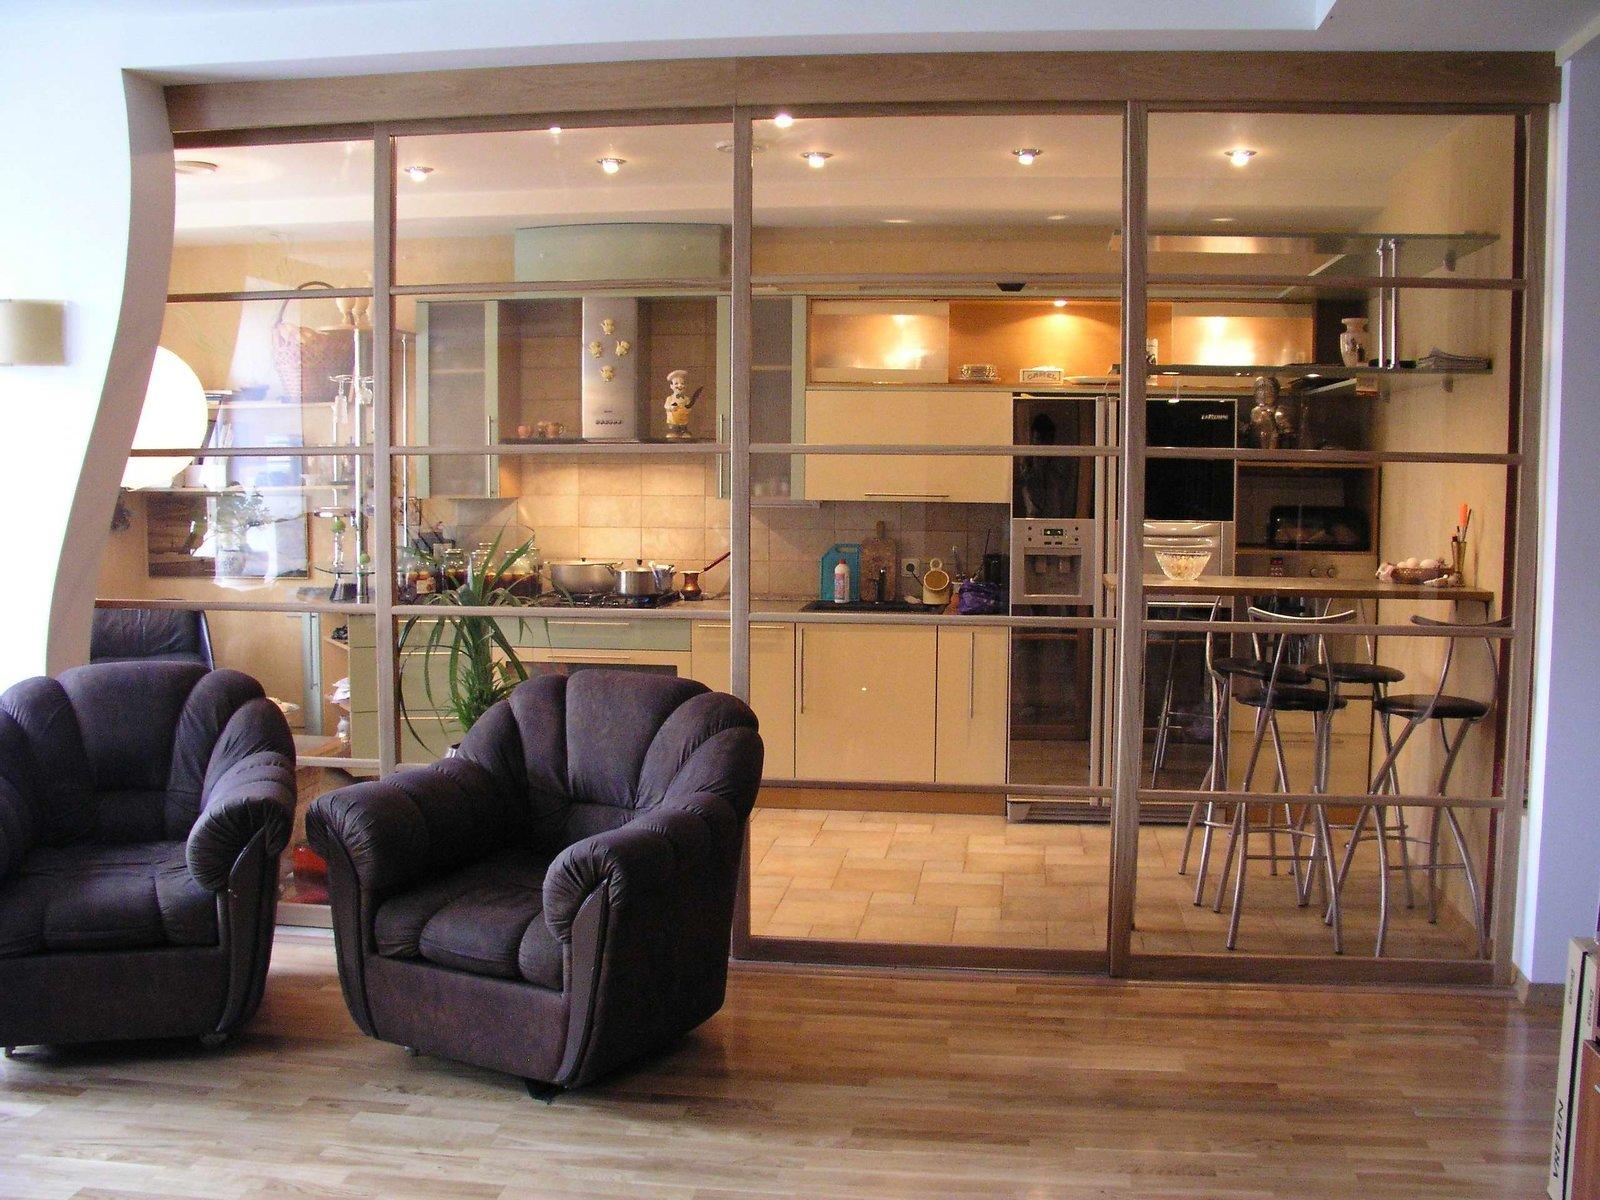 Двери-перегородки между кухней и гостиной